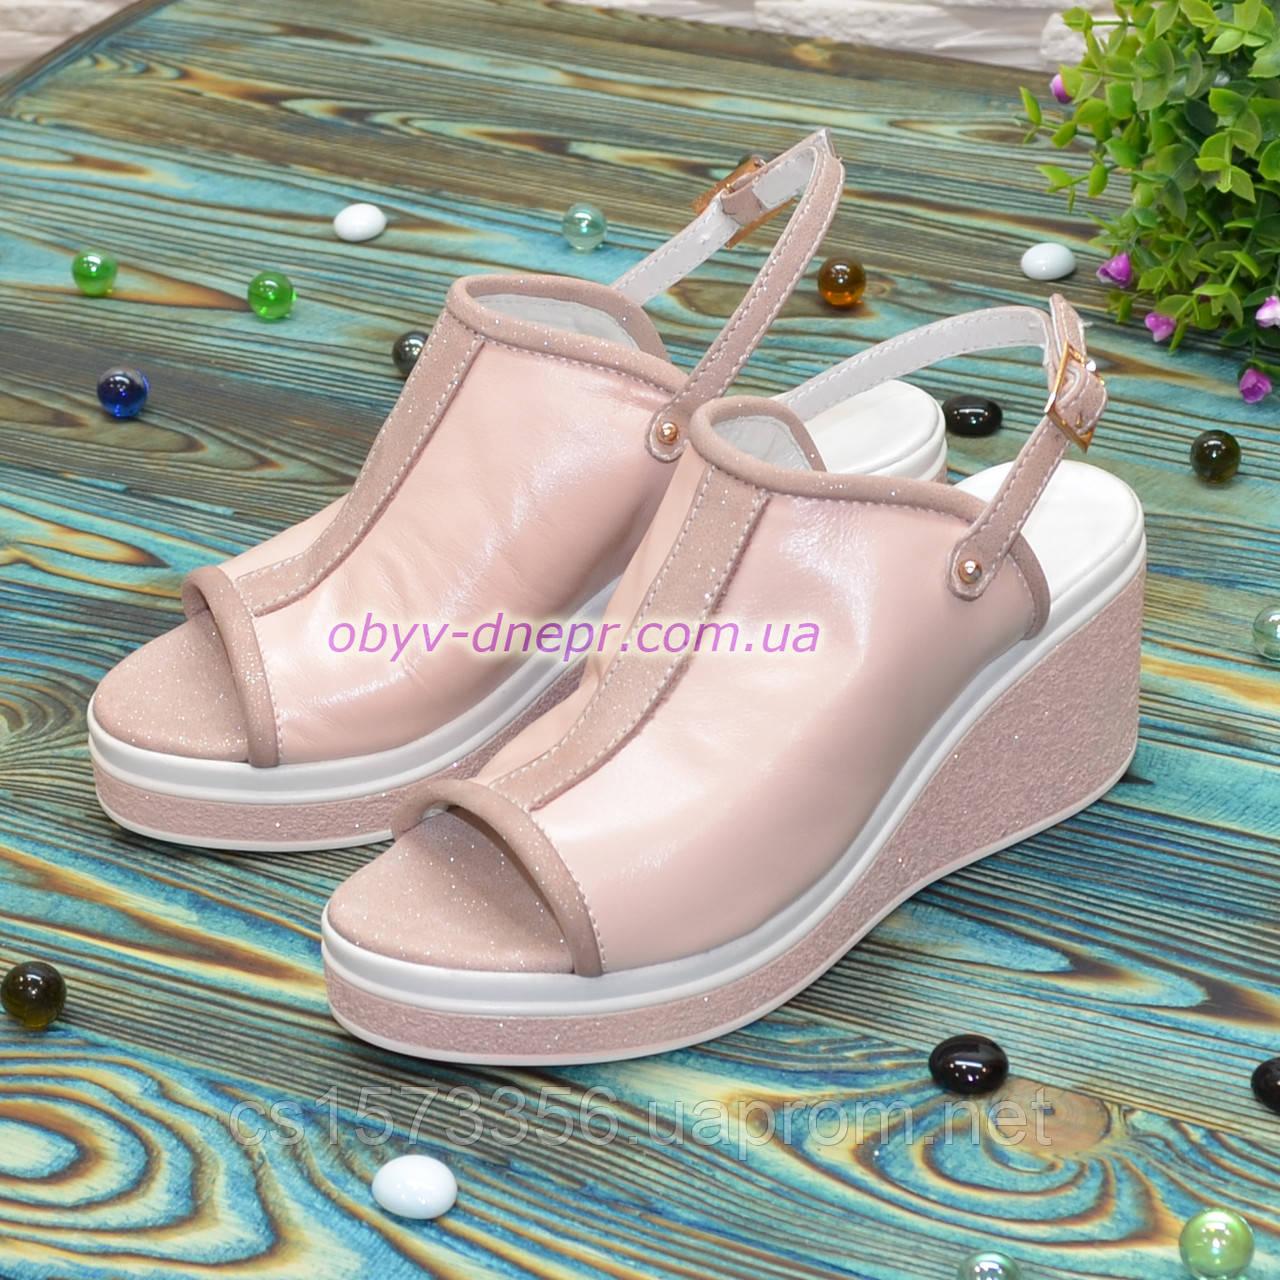 Босоножки женские кожаные на платформе, цвет пудра